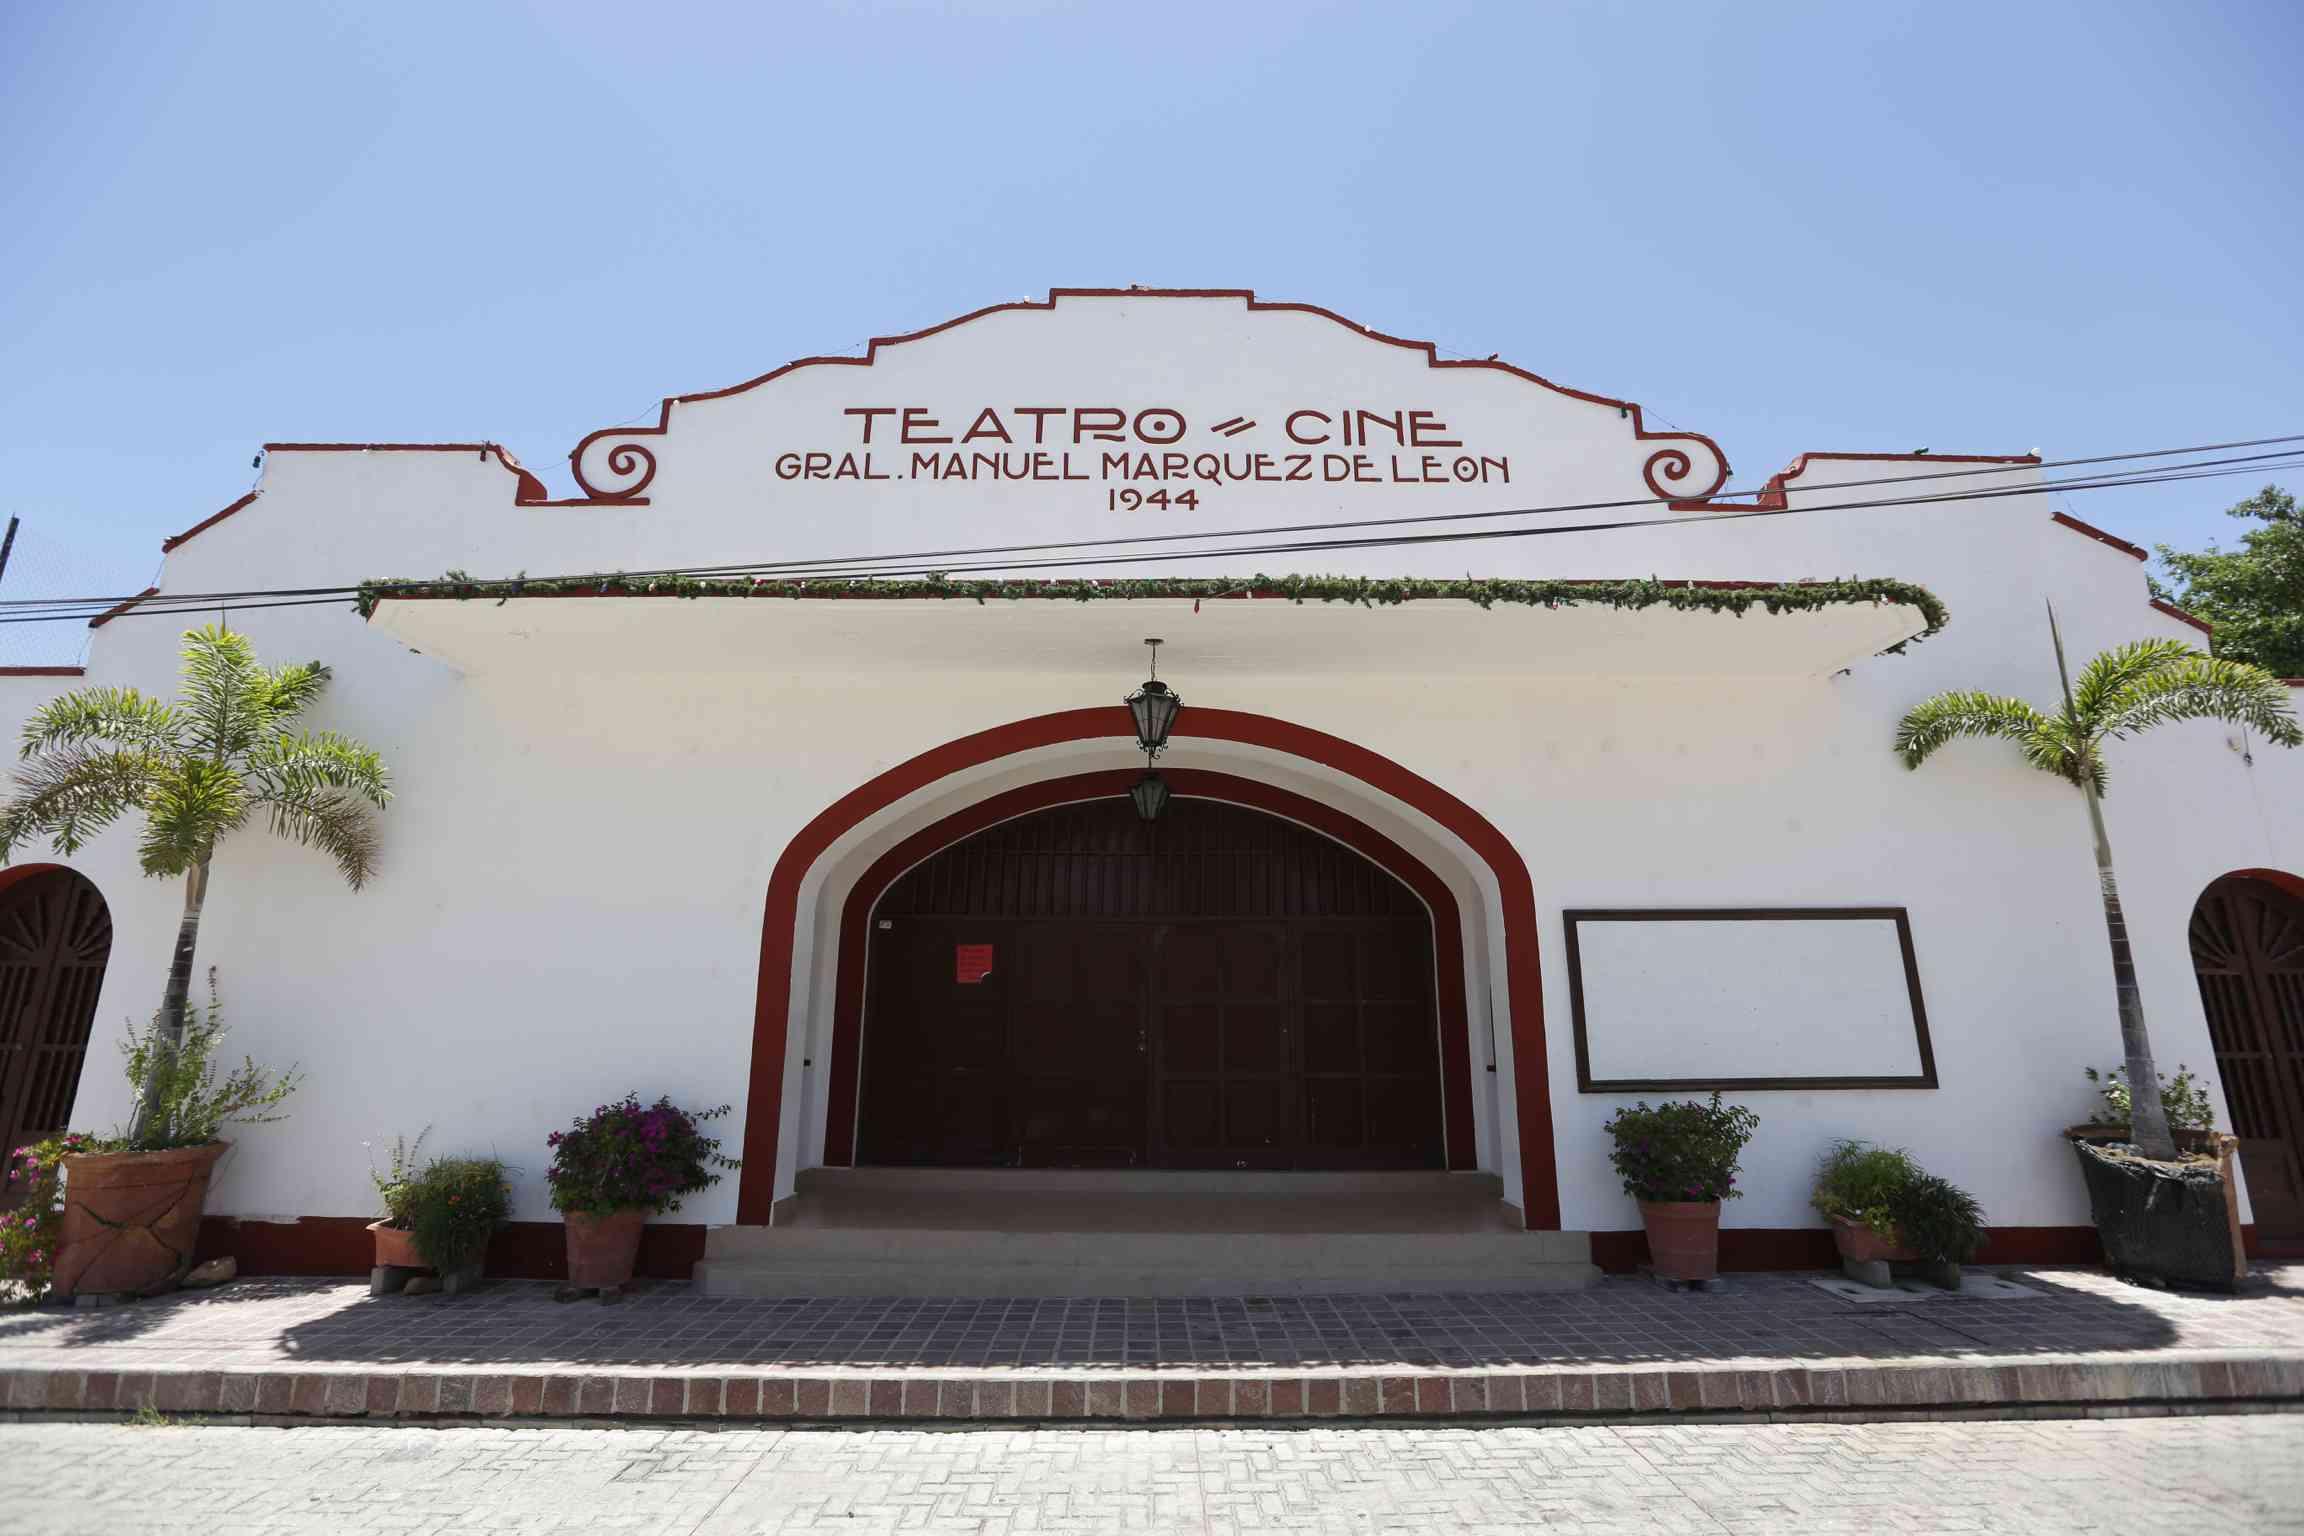 Todos Santos theatre and cinema. Todos Santos Pueblo Magico, Baja California Sur, Mexico.